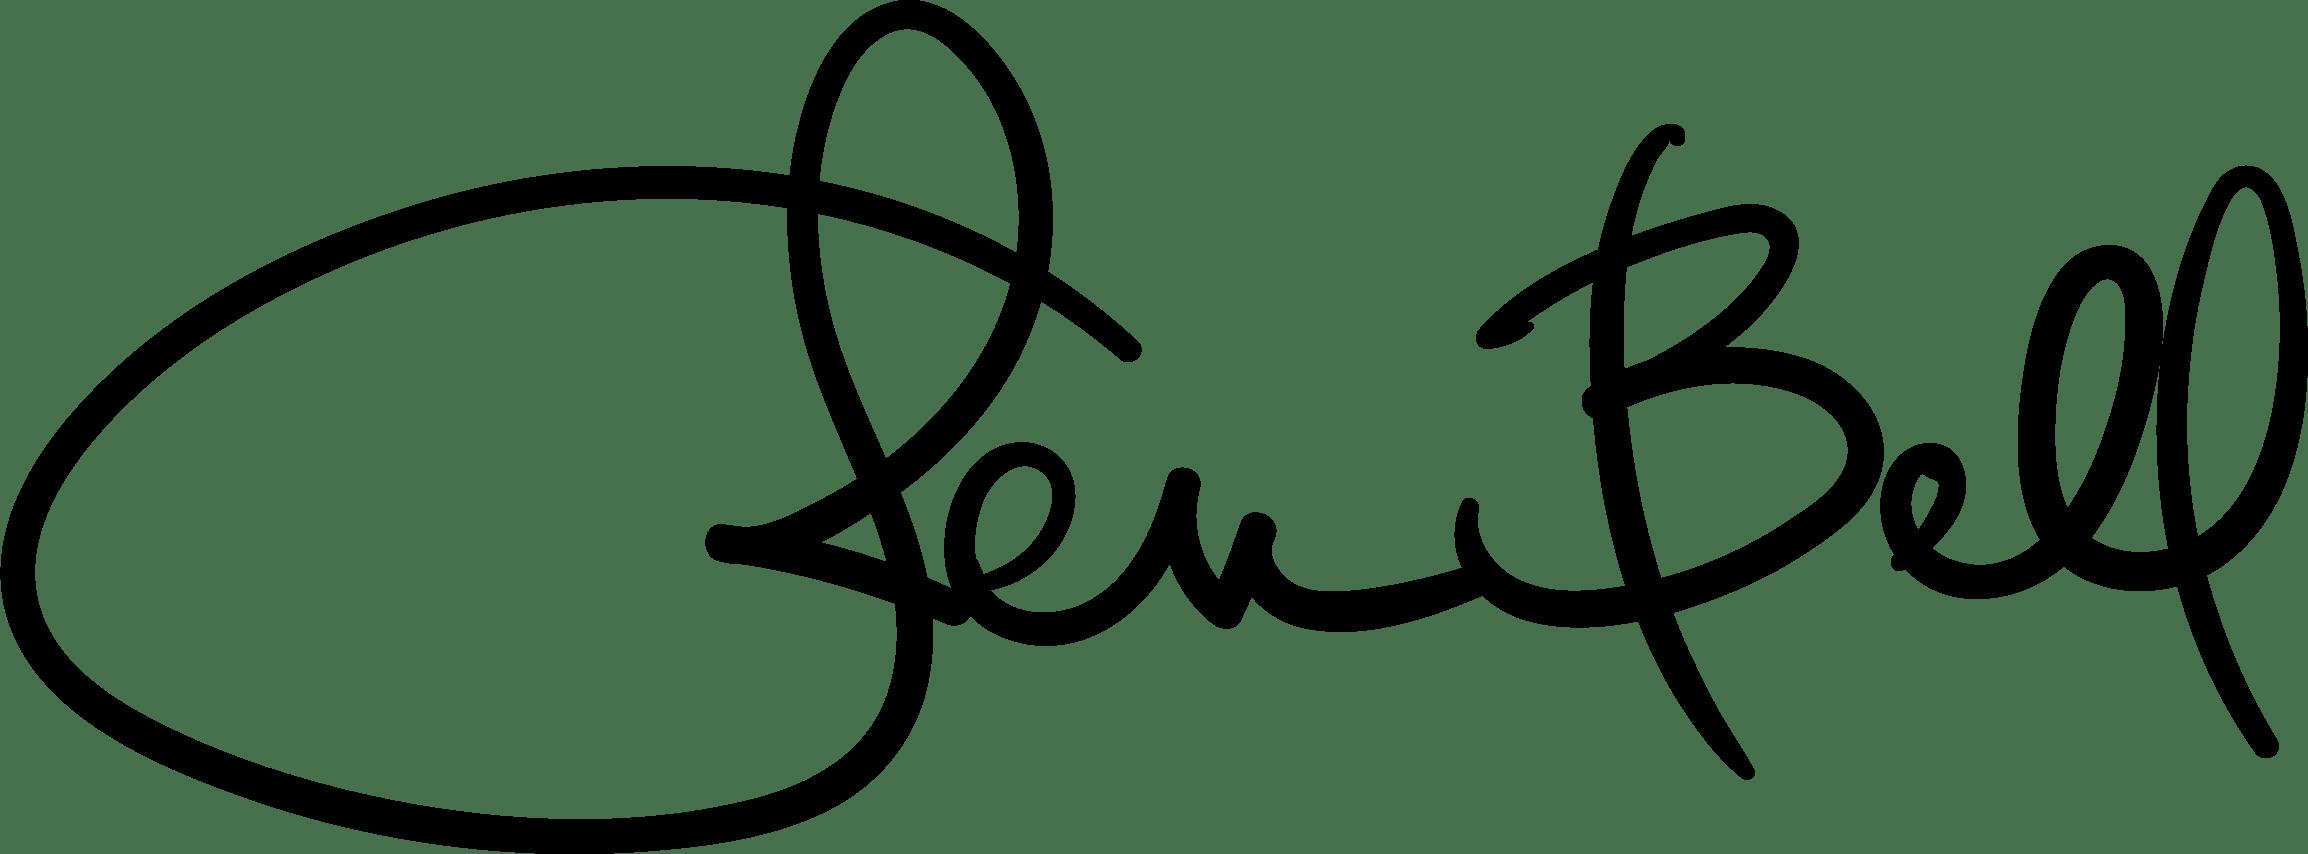 Jen Bell - Fine Art, Design & Toasters